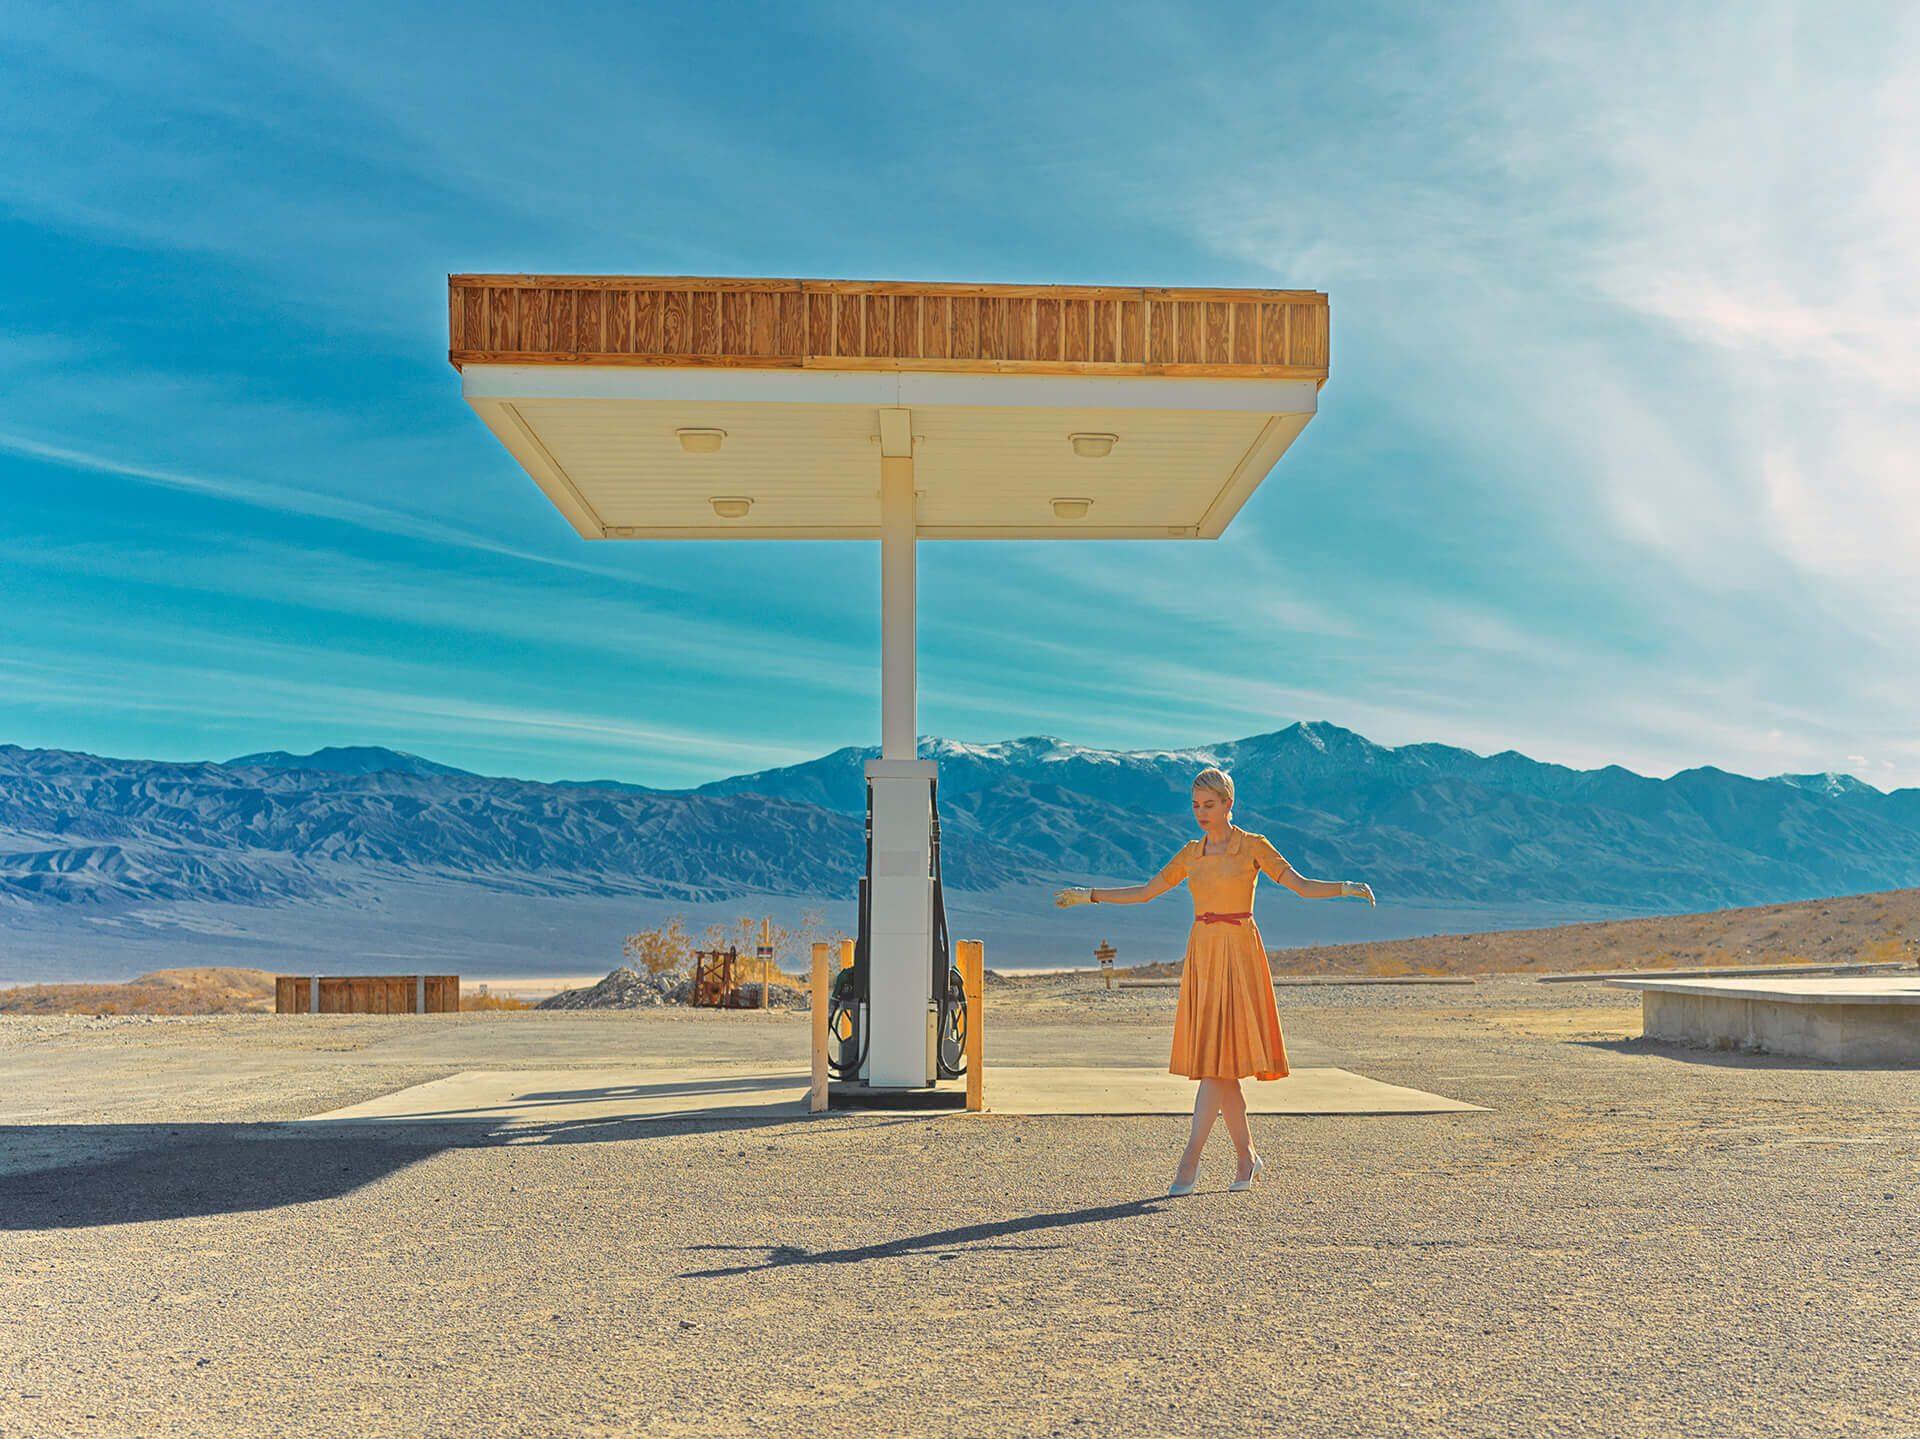 Κορίτσι σε κίτρινο φόρεμα σε βενζινάδικο